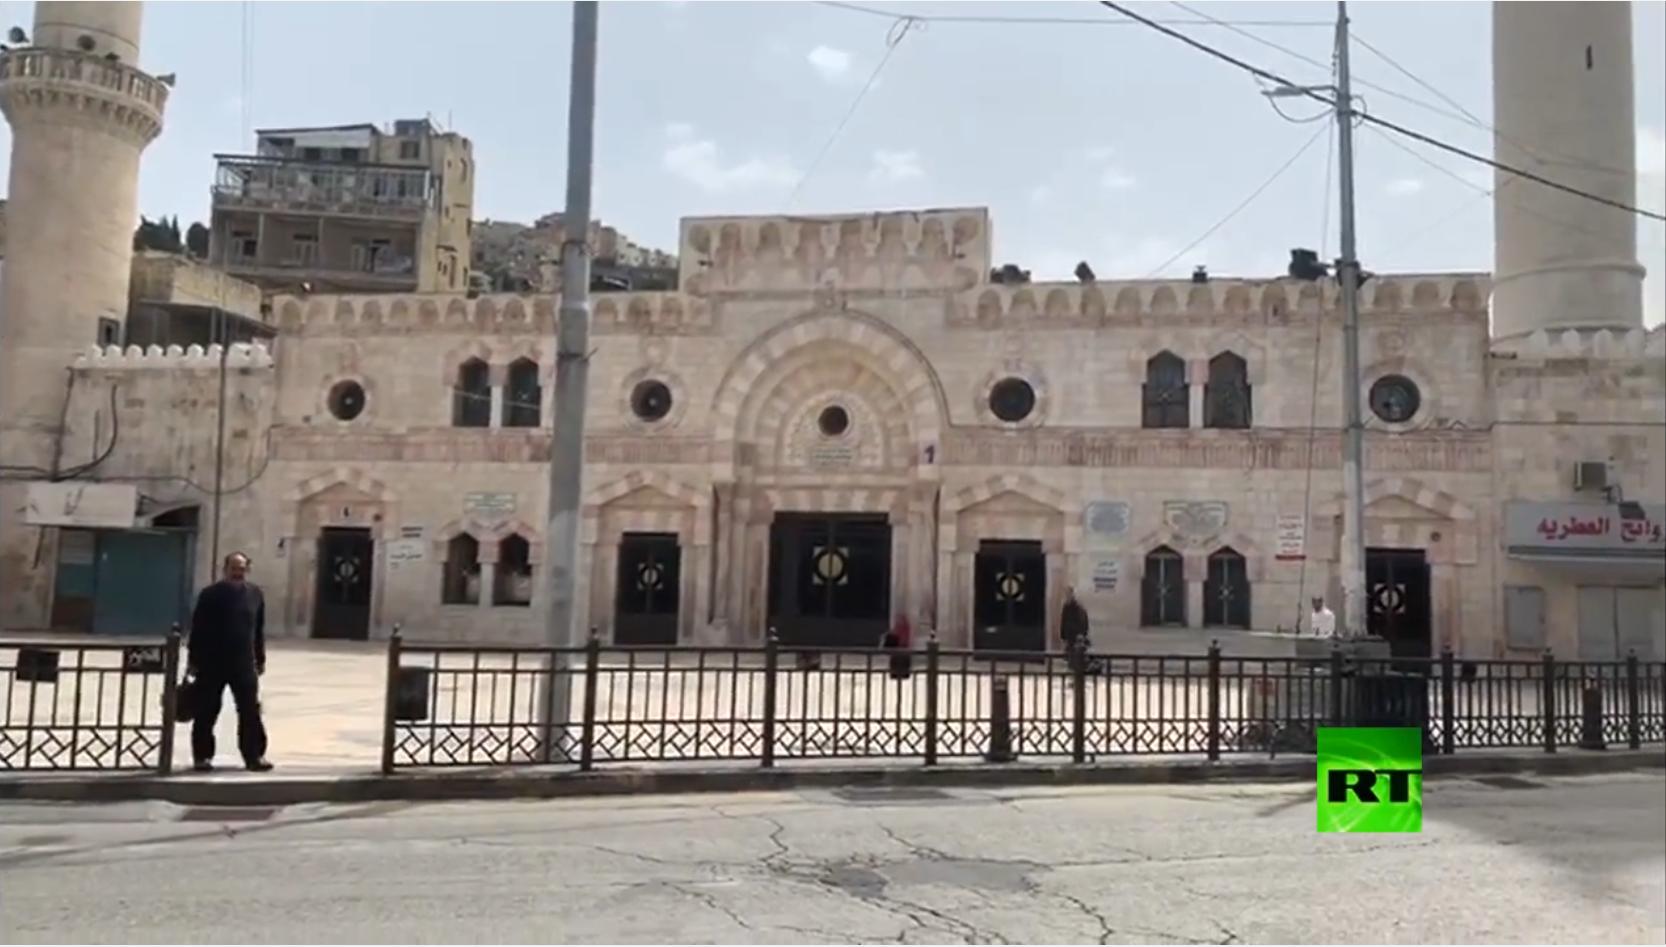 بسبب كورونا.. مساجد الأردن مغلقة وخطبة الجمعة عبر التلفاز فقط